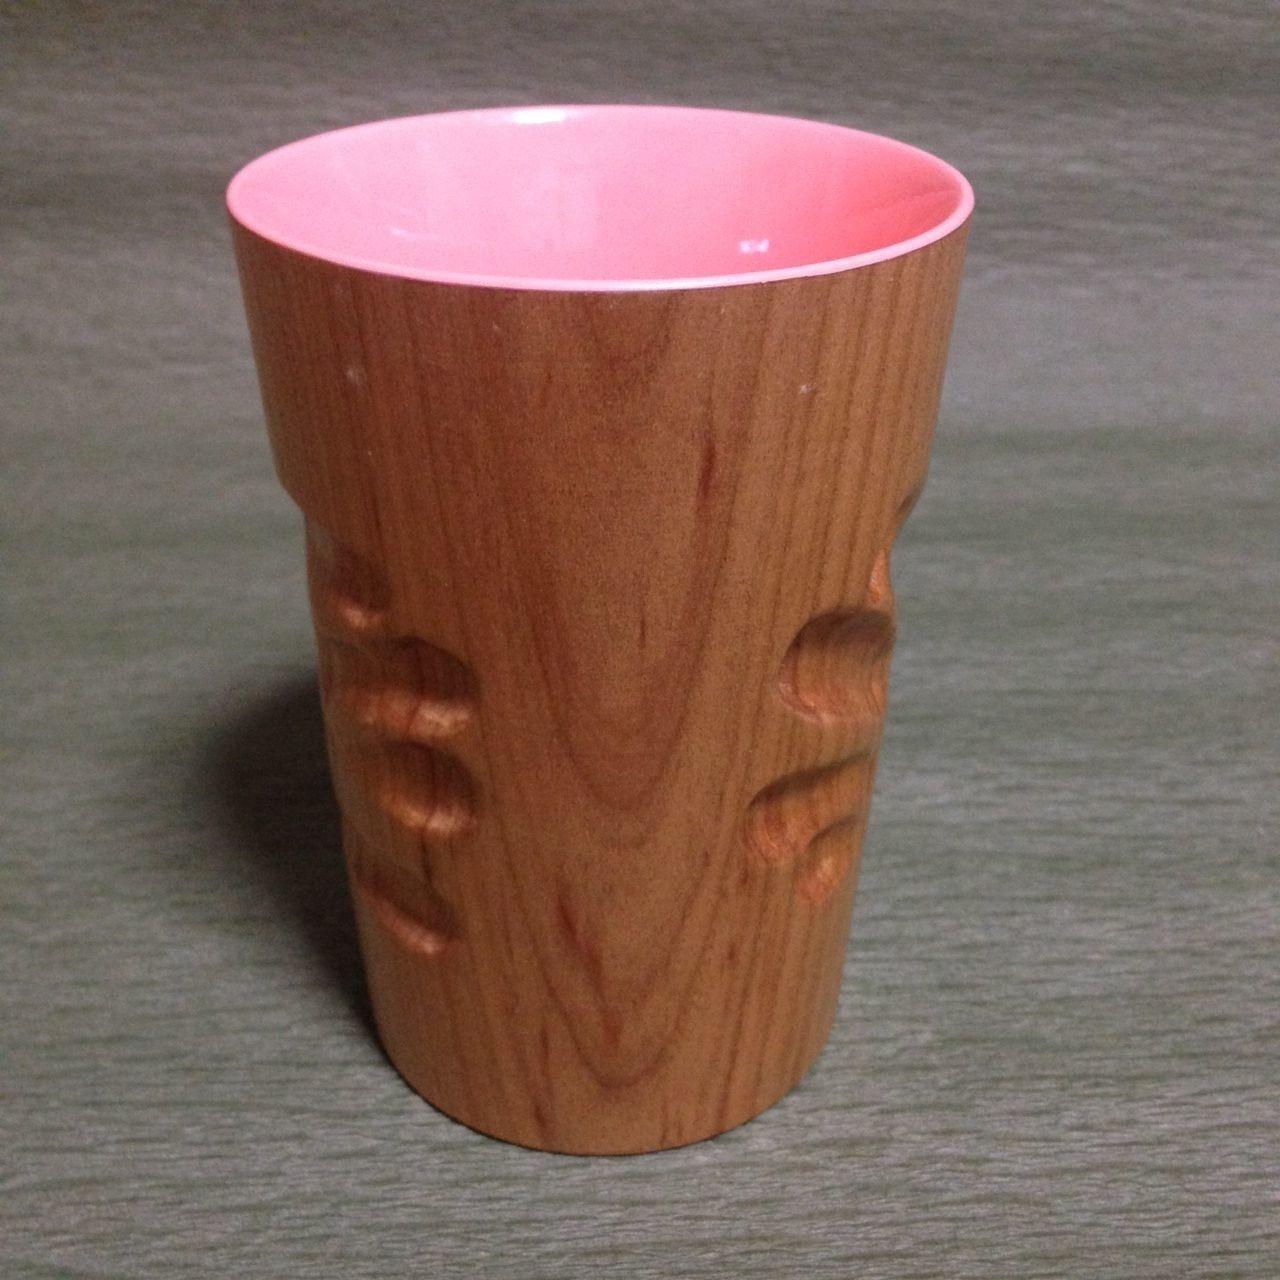 マギーカップ スタンダード ~世界にひとつだけのカタチ。お子様の存在がここに残る感動マグカップ!~